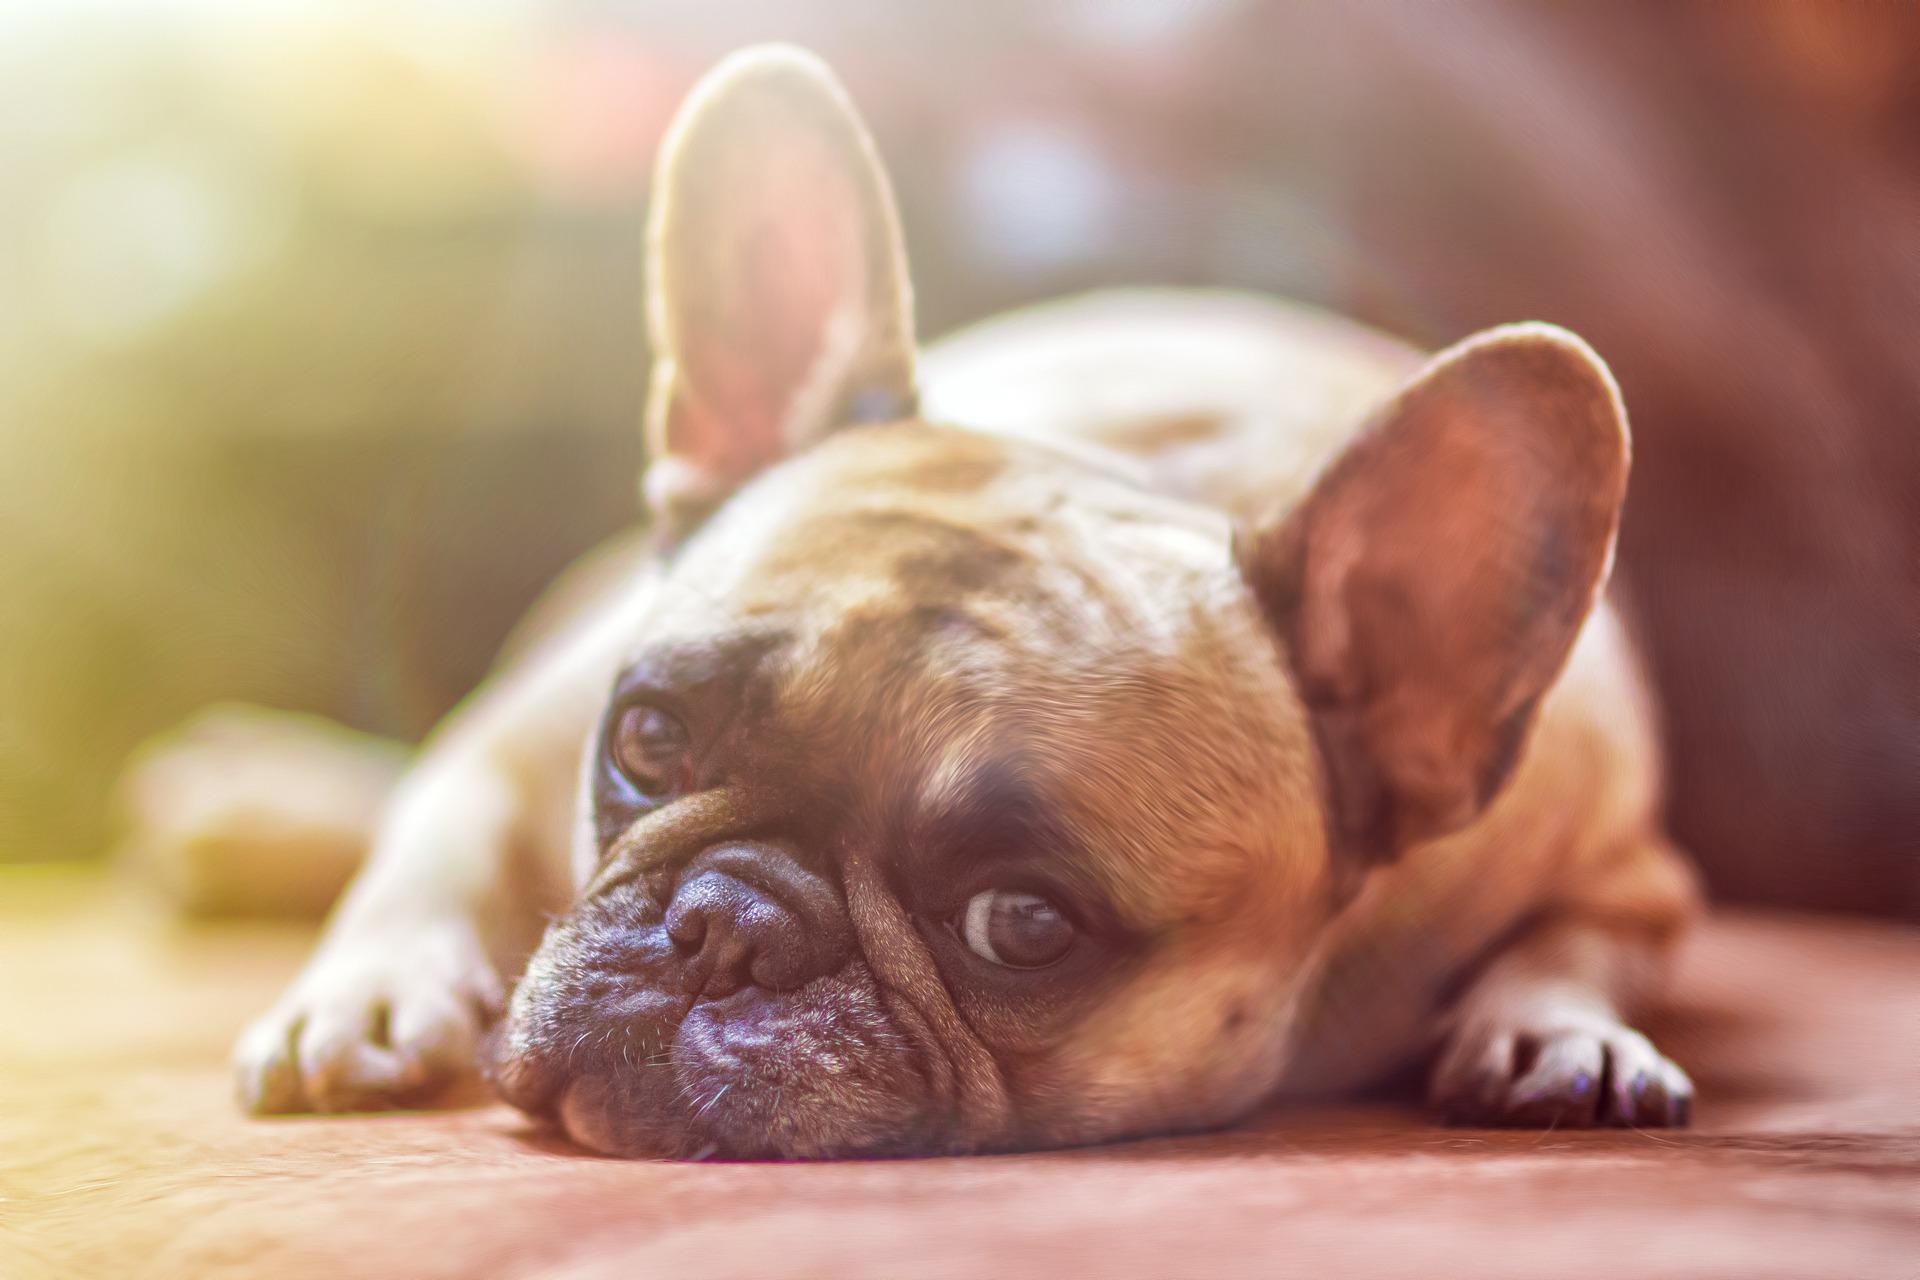 Pet expressivo: conheça os cães que mais falam com os olhos